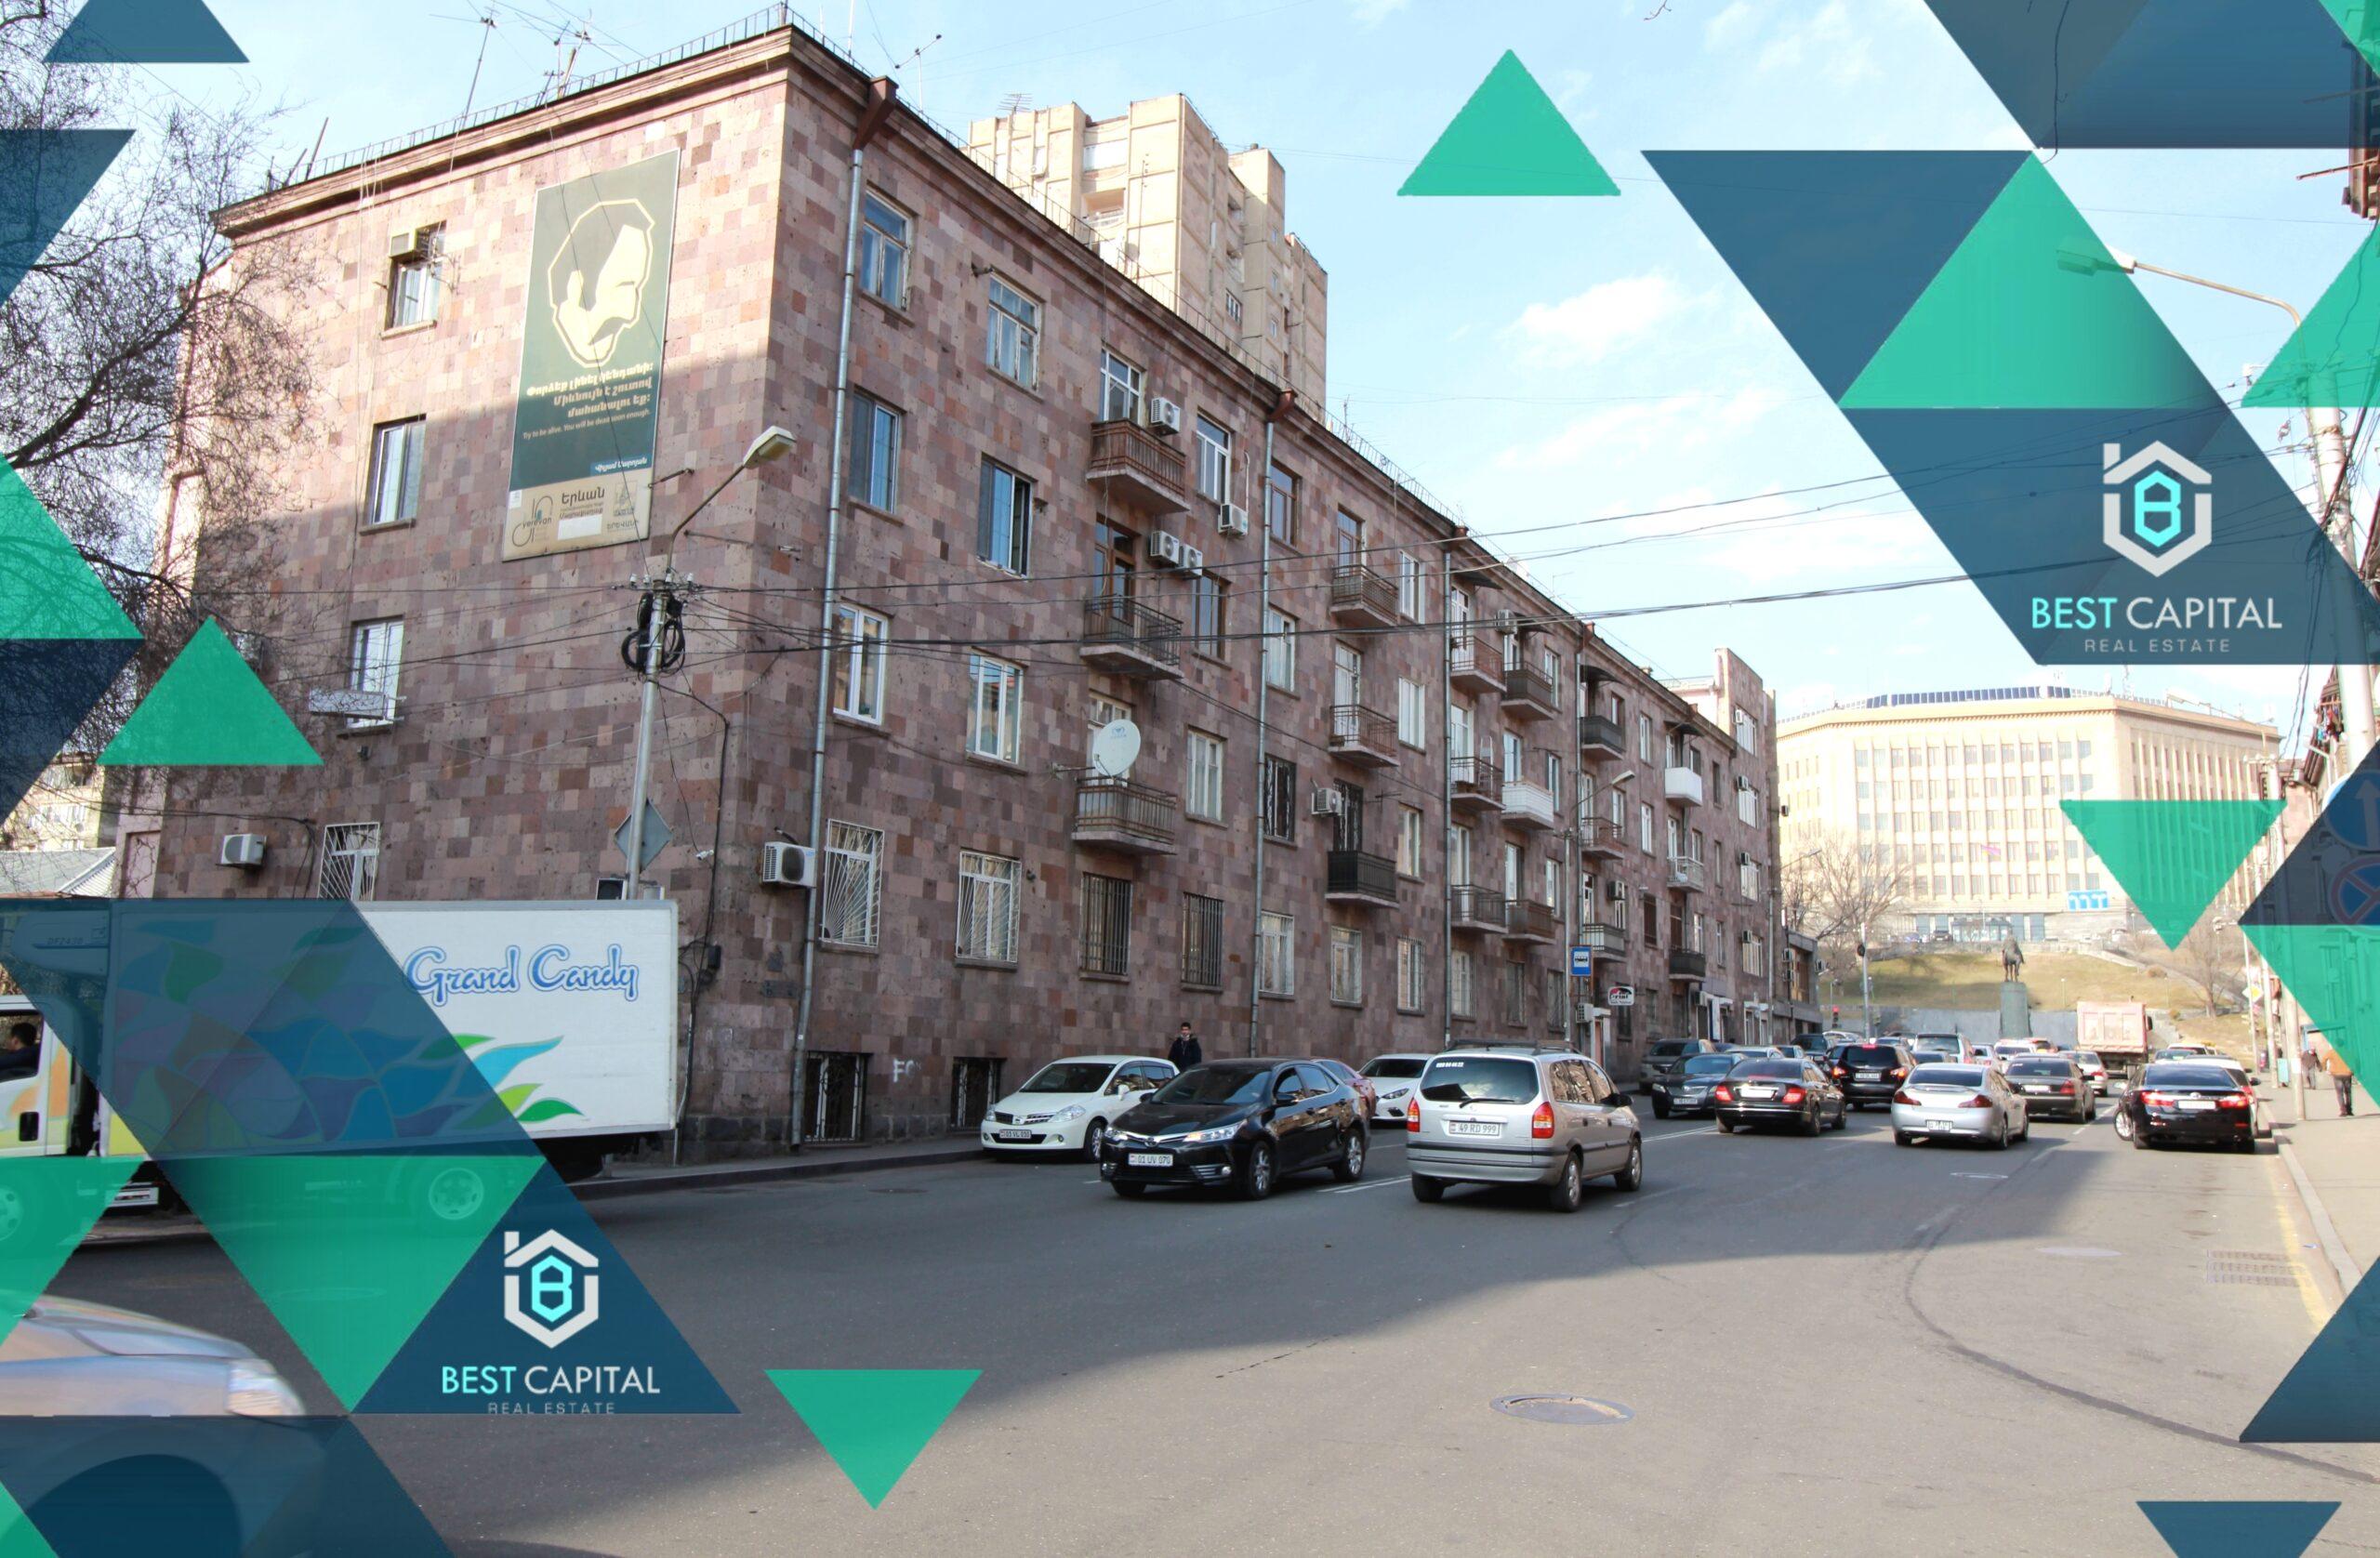 Պռոշյան փողոց, կապիտալ վերանորոգված բնակարան 2-րդ հարկում բաց պատշգամբով KN039